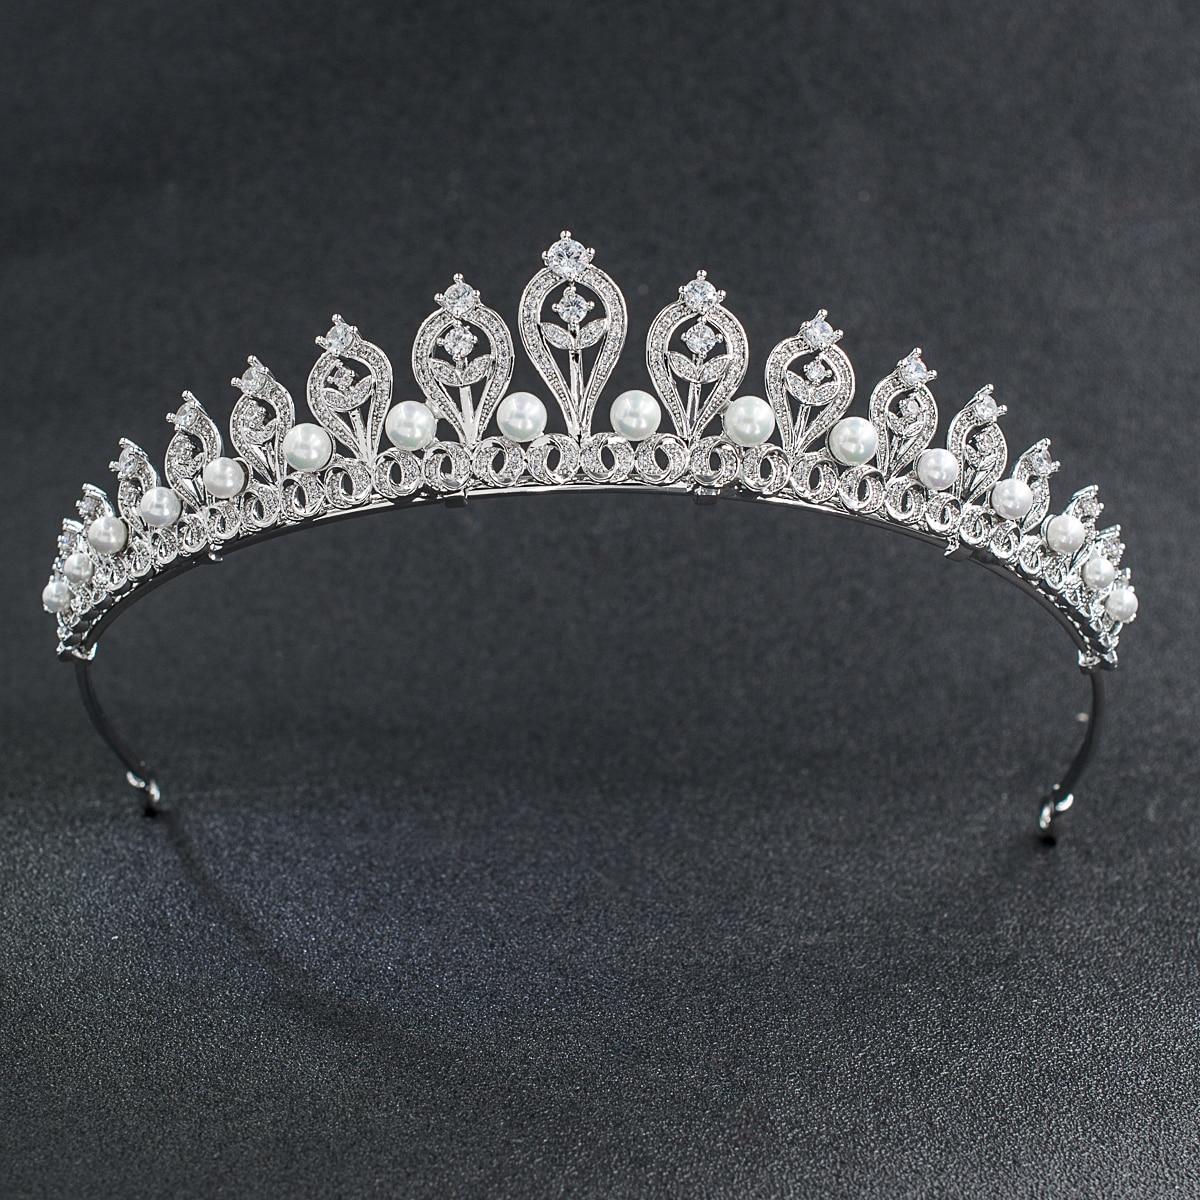 Klasyczny CZ cyrkonia Pearl ślubne Diadem dla panny młodej Diadem korona kobiety peruki imprezowe biżuteria akcesoria CH10109 w Biżuteria do włosów od Biżuteria i akcesoria na  Grupa 1